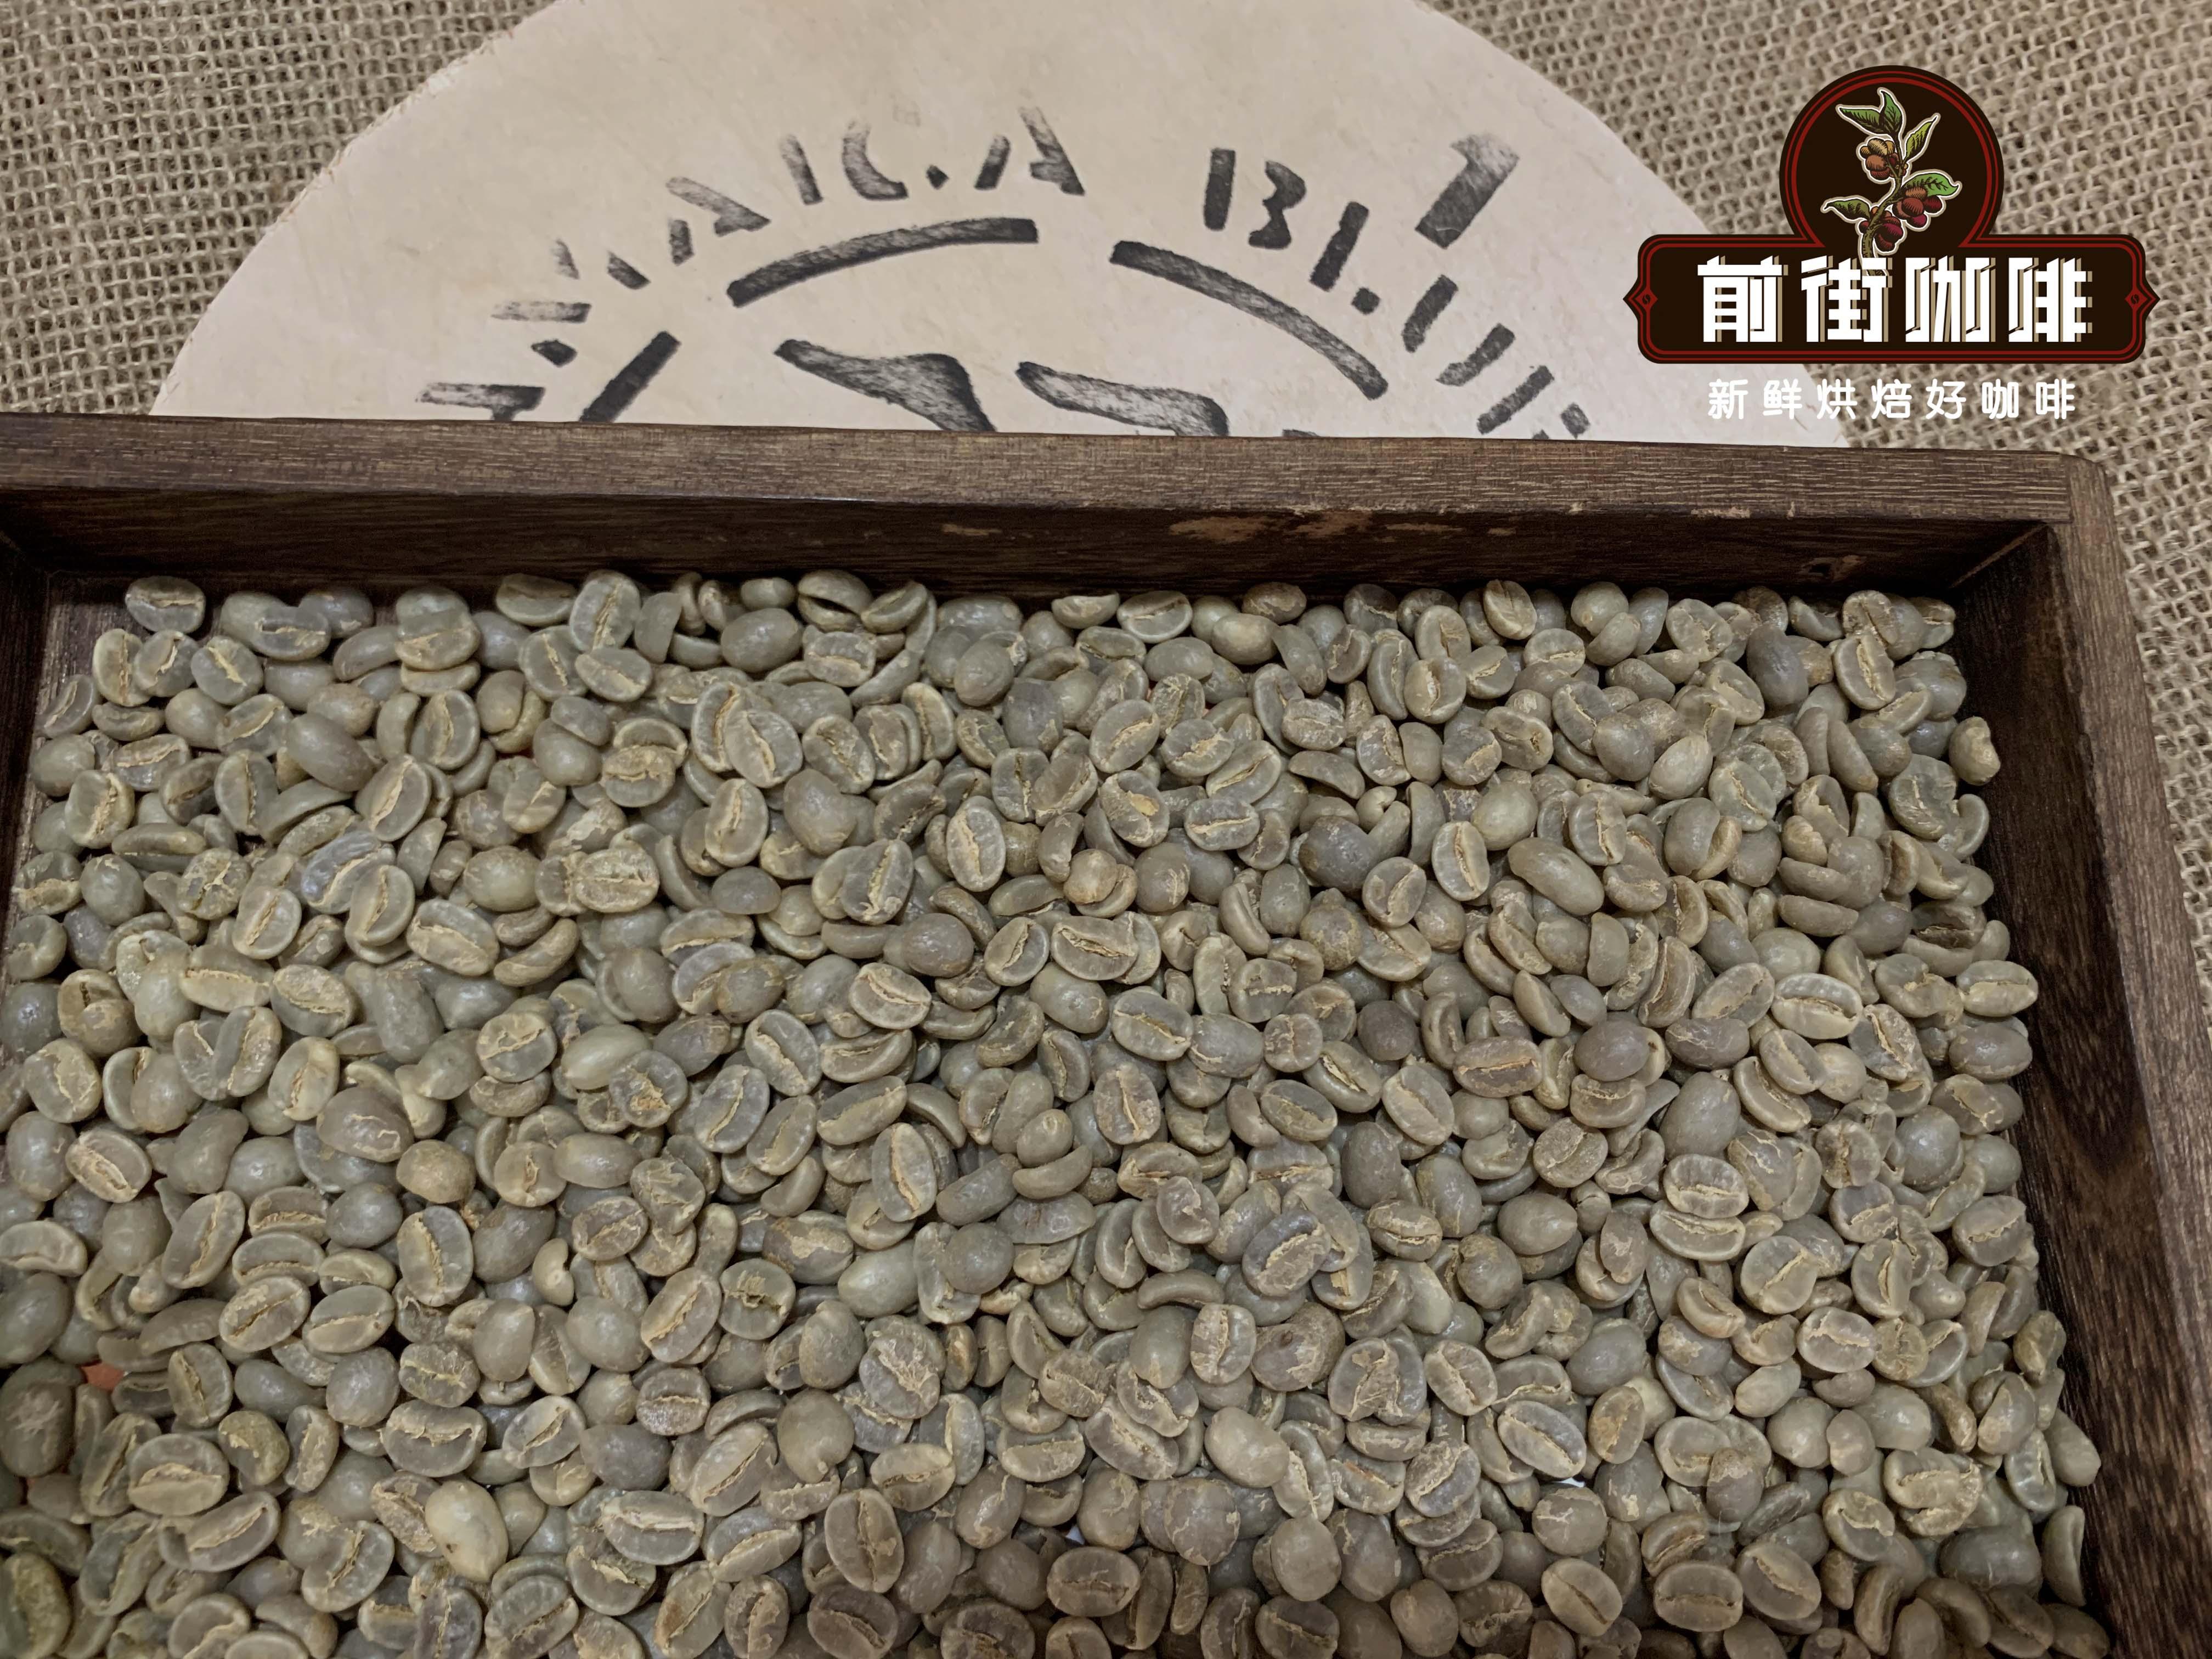 正宗蓝山咖啡生豆分级等级制度 蓝山咖啡铁皮卡品种风味口感特点